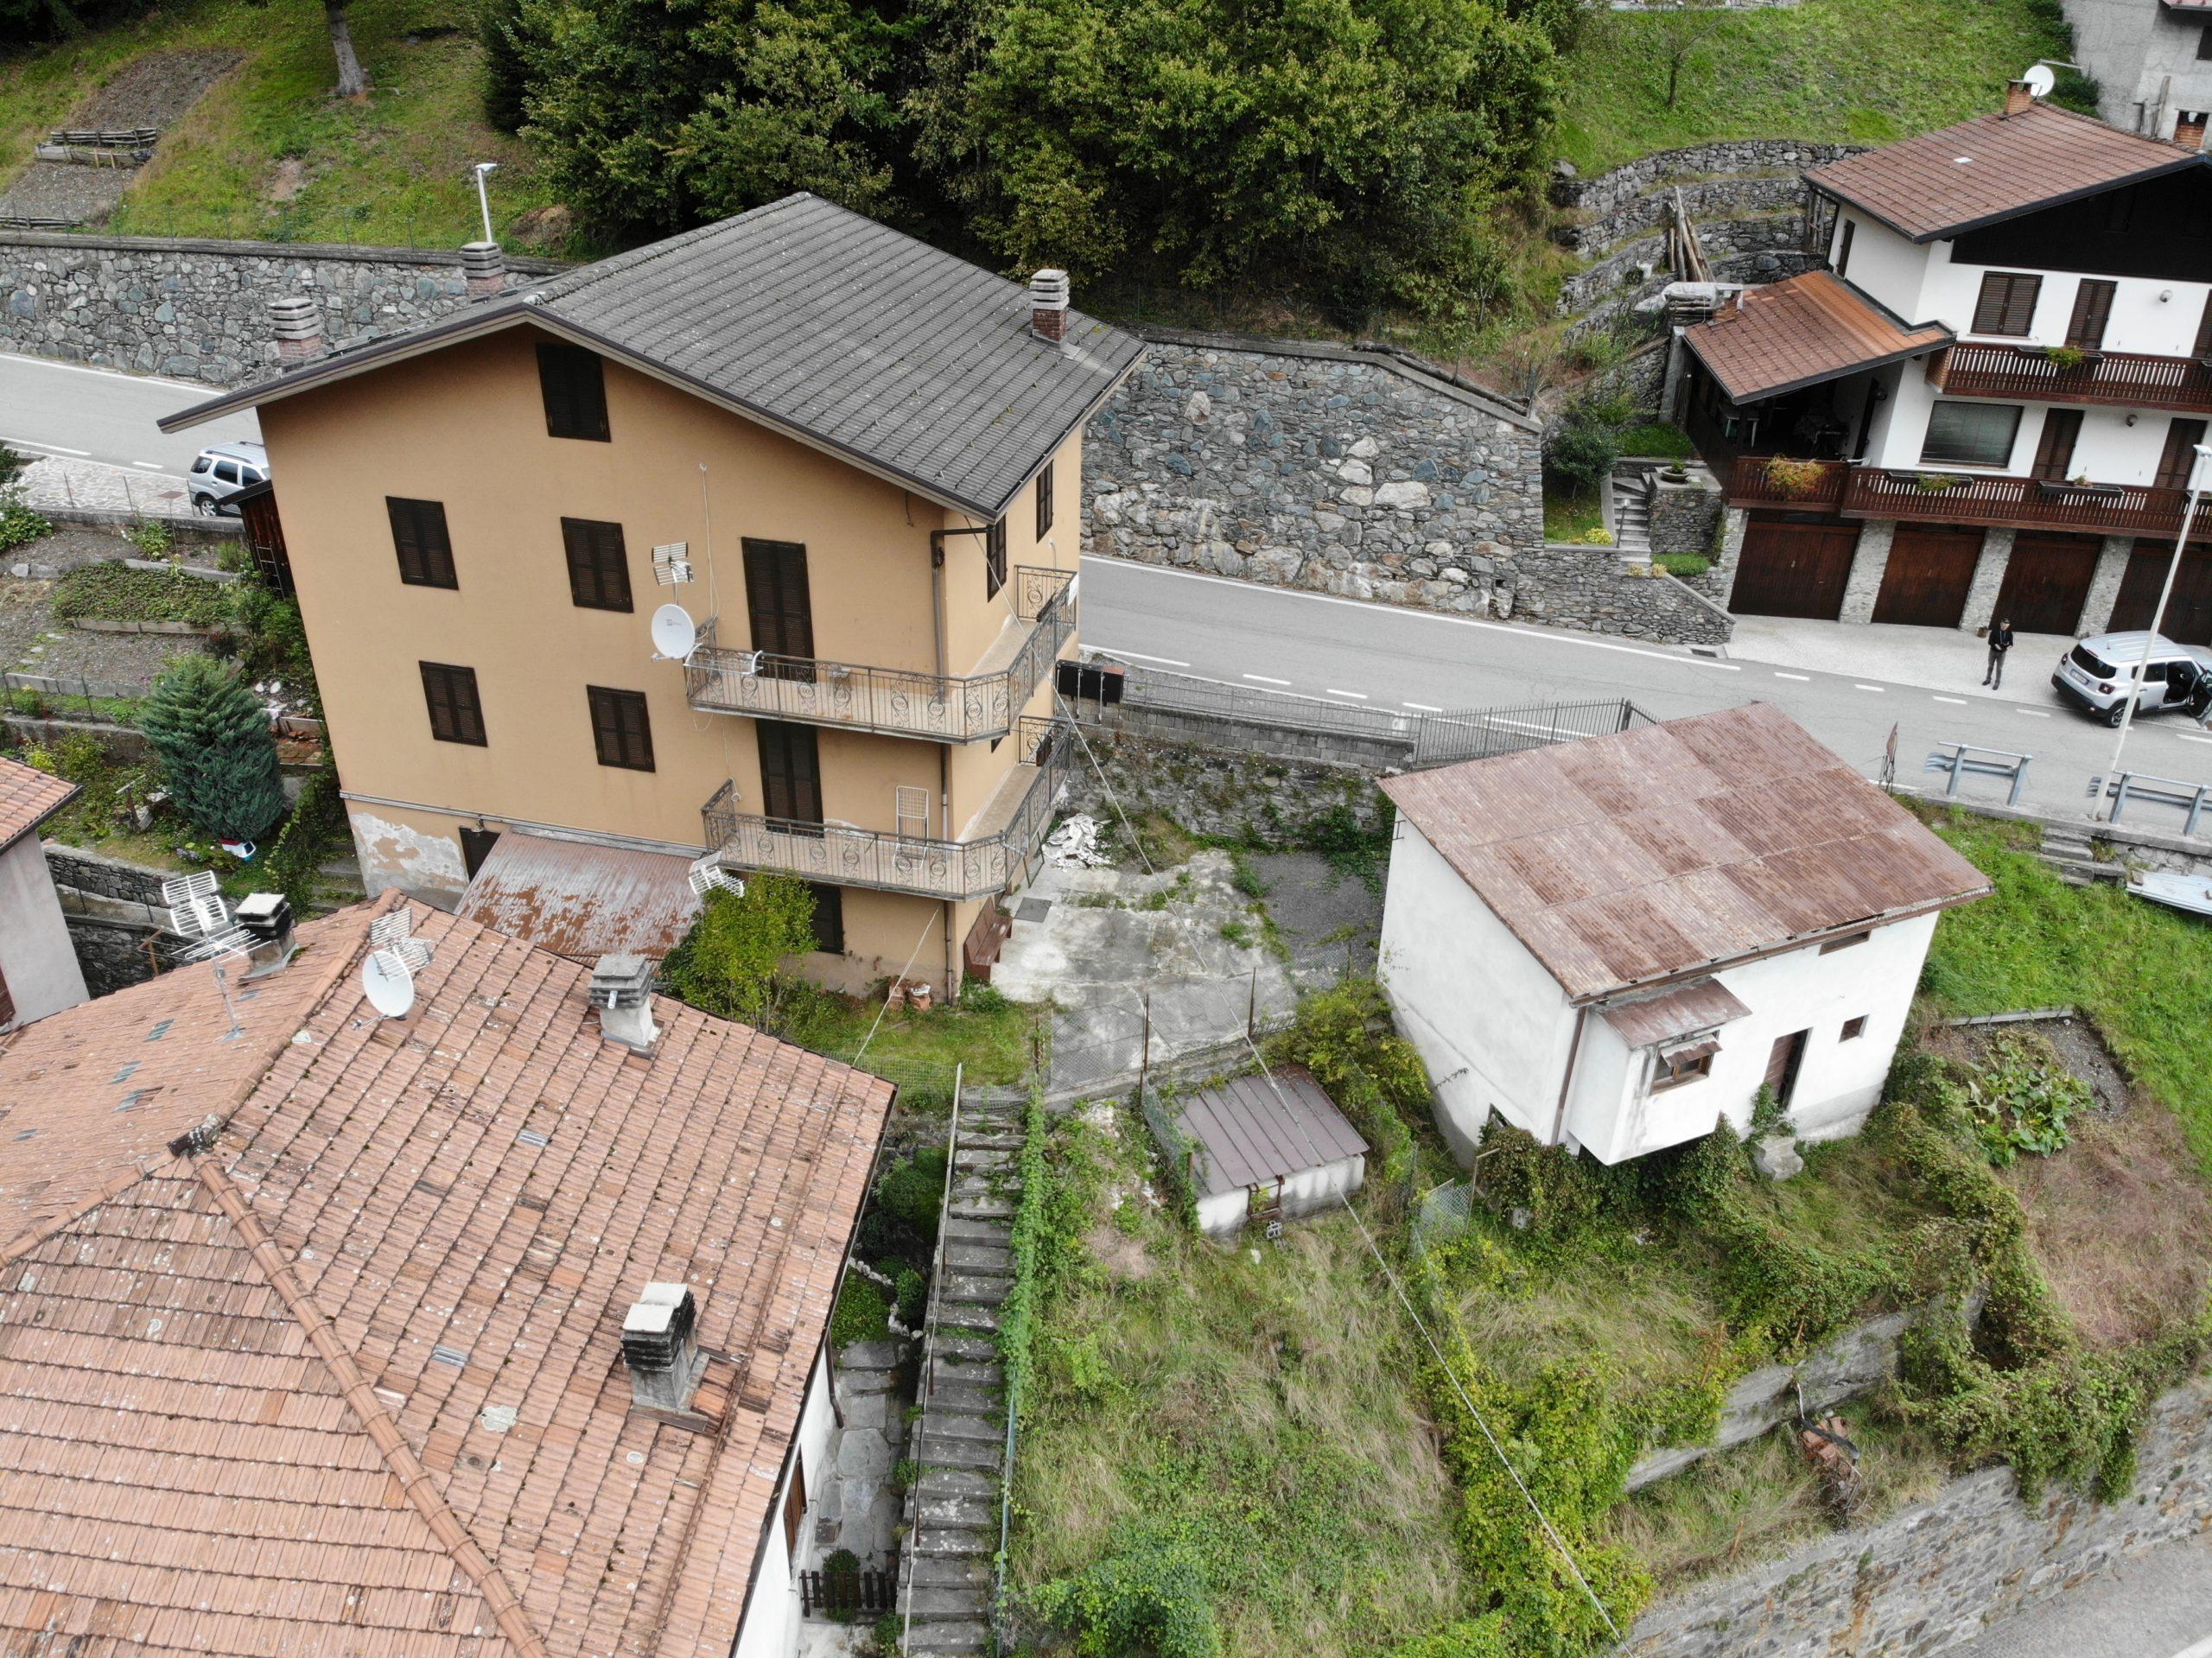 Zona Passo Vivione ampia casa indipendente con giardino